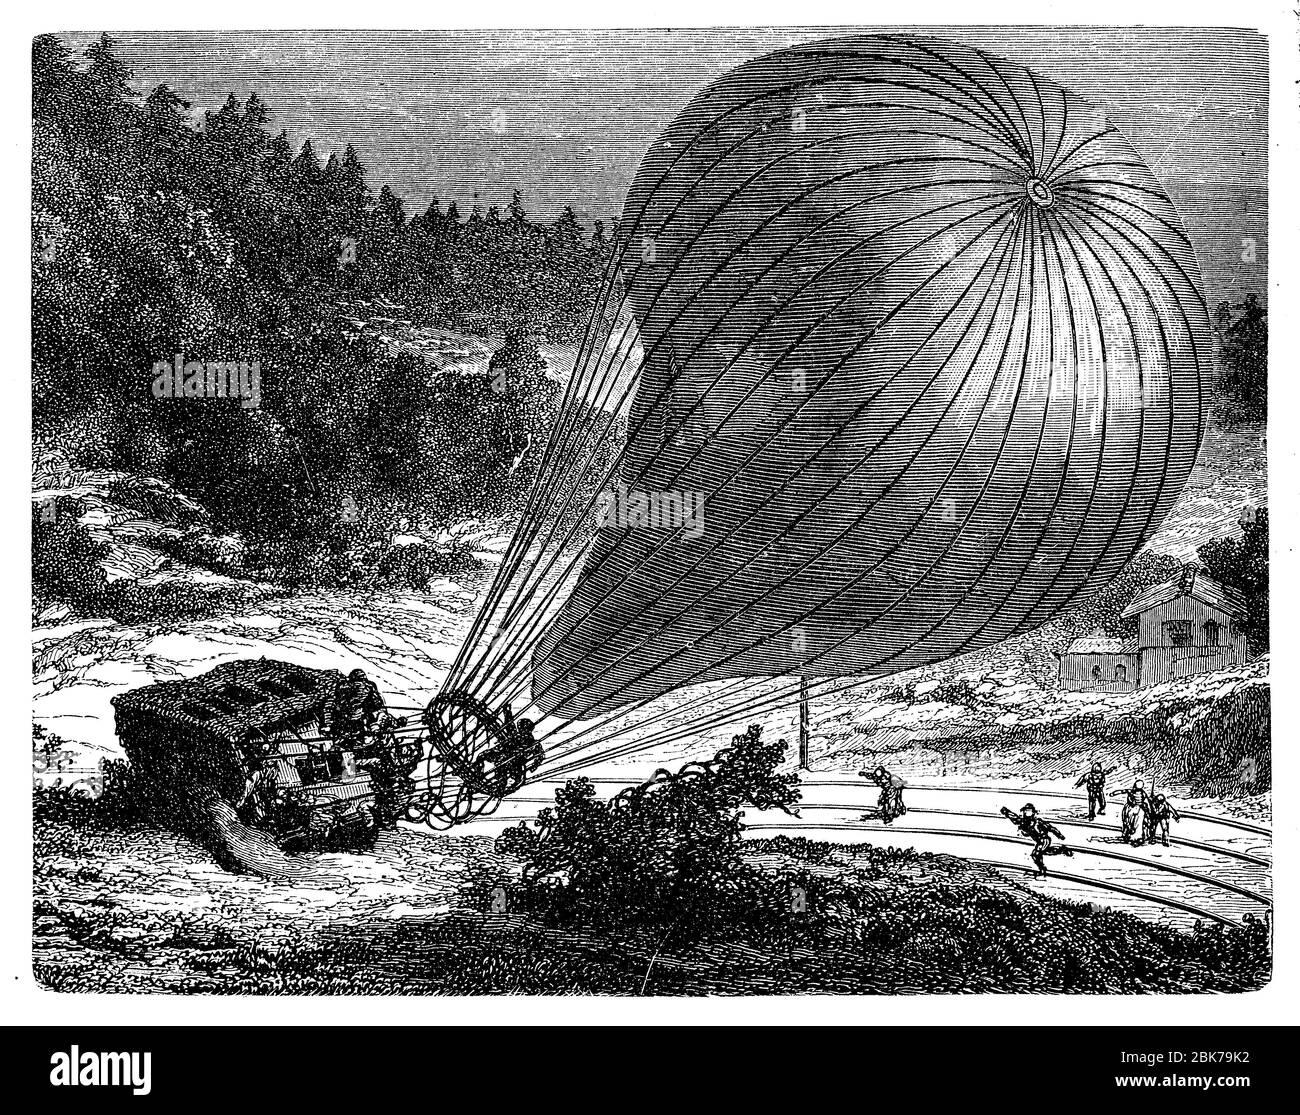 Catastrophe du ballon le Geant de Felix Tournachon, le premier photographe aérien, près de Hanovre en 1863 Banque D'Images